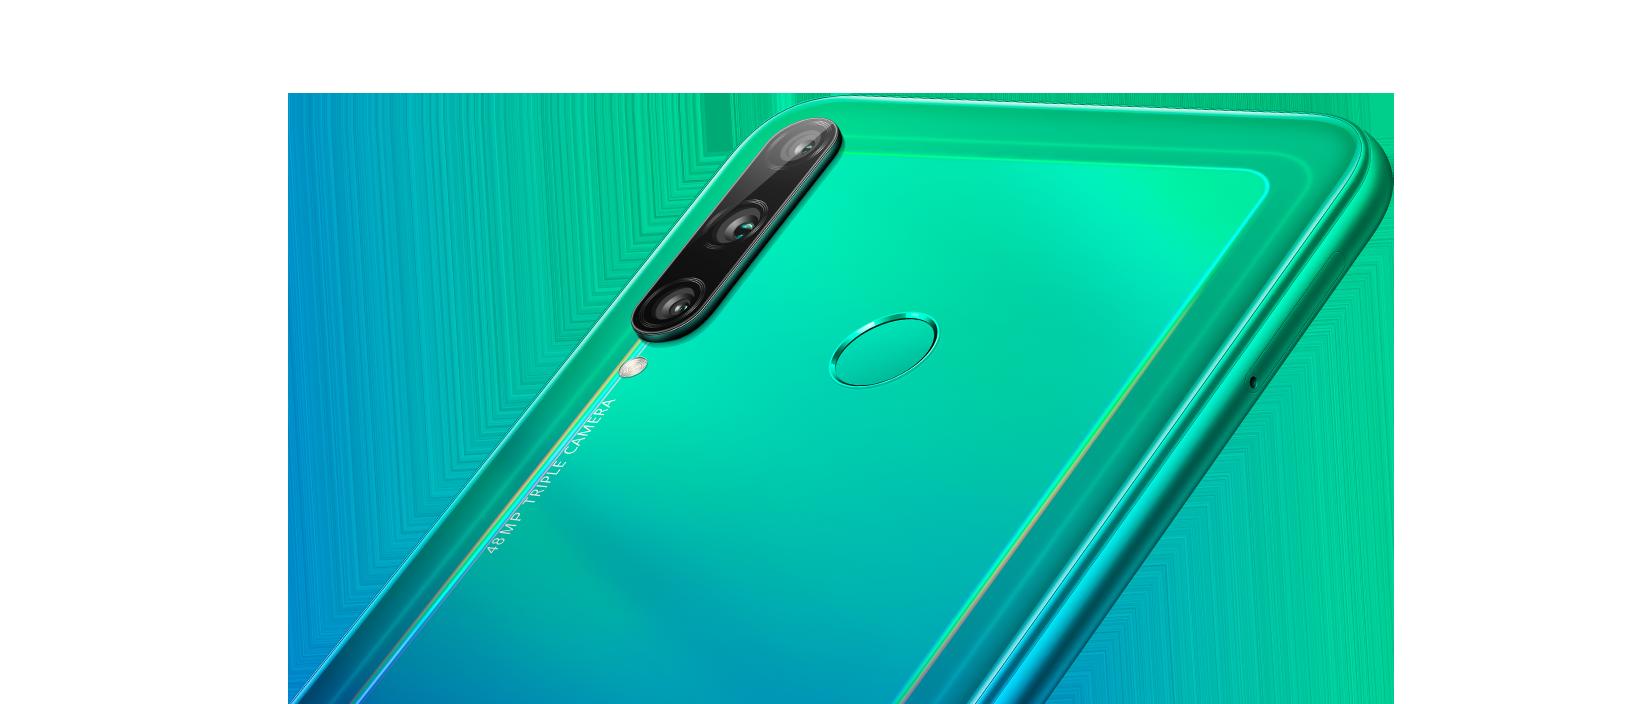 Huawei y7p-teléfono de desbloqueo de huellas dactilares